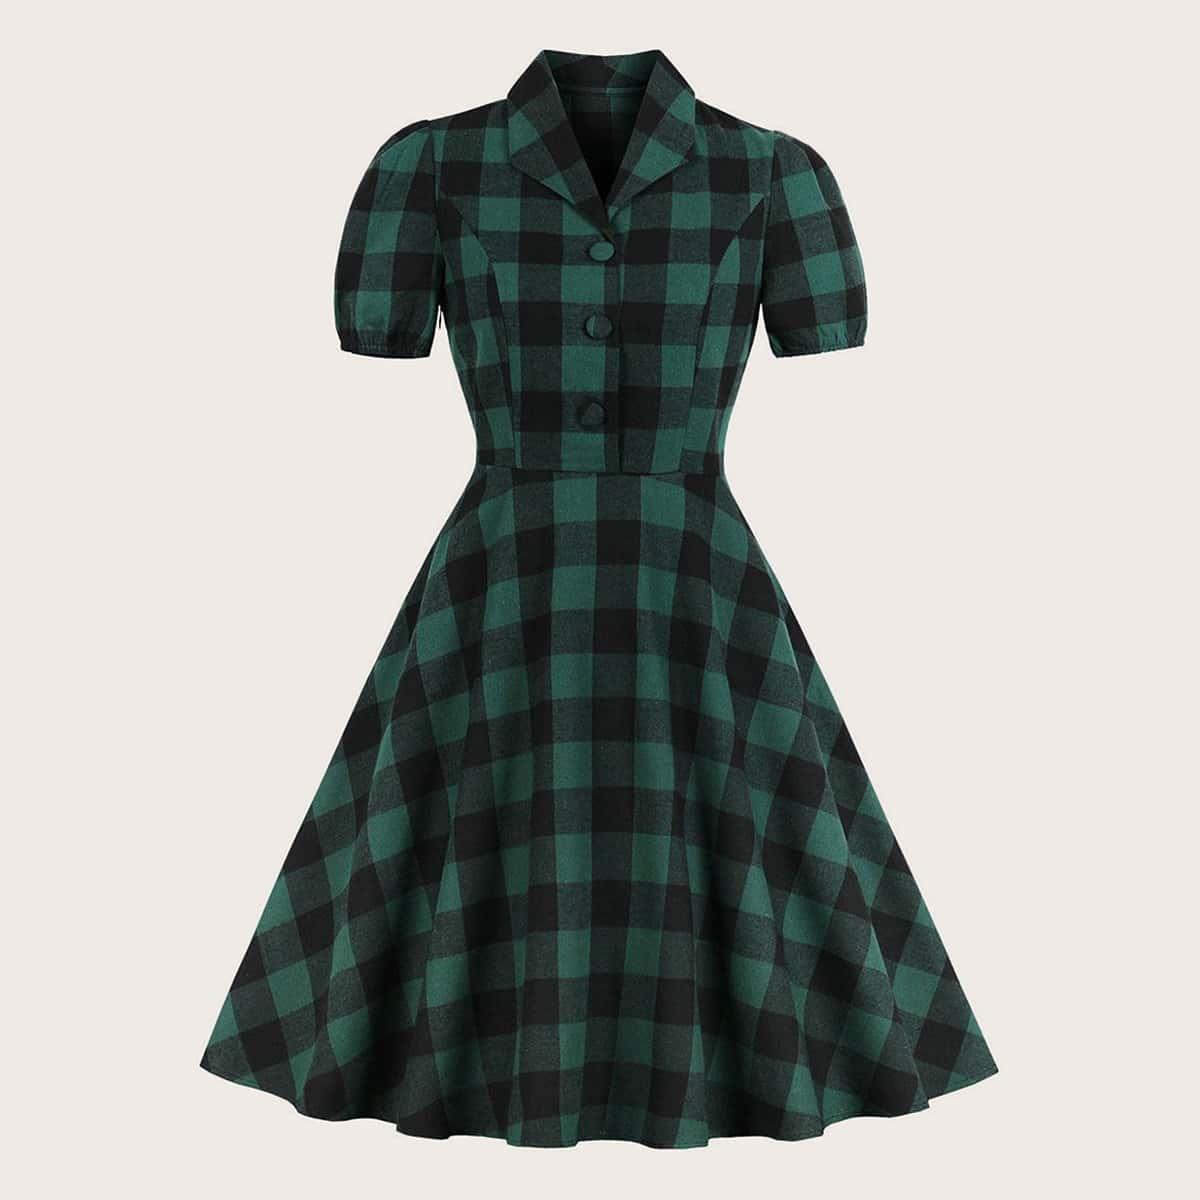 SHEIN / Große Größen - Kleid mit Karo Muster